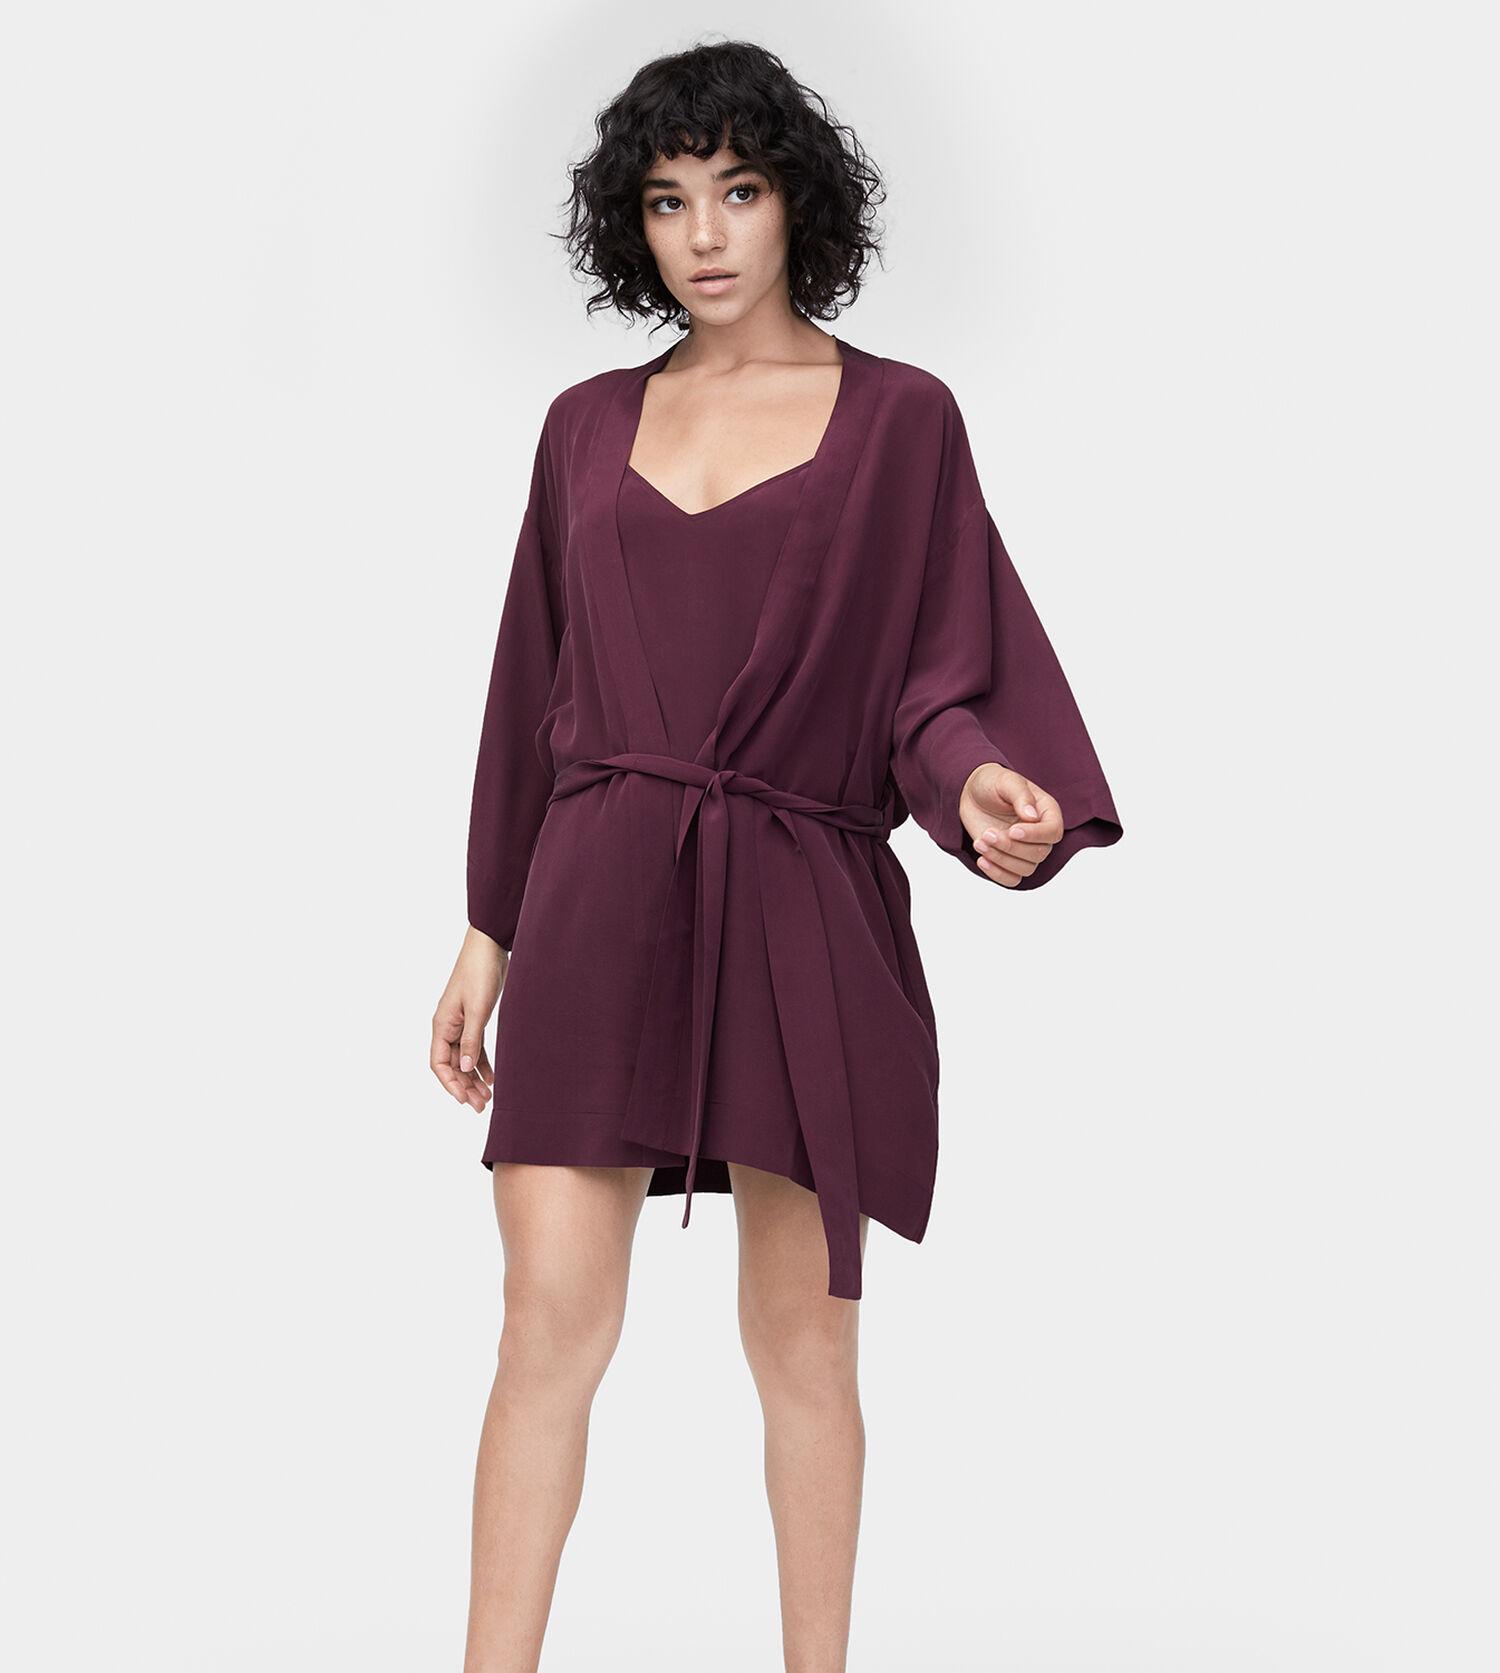 1e27e7ce709a Zoom Lolla Silk Robe - Image 1 of 4